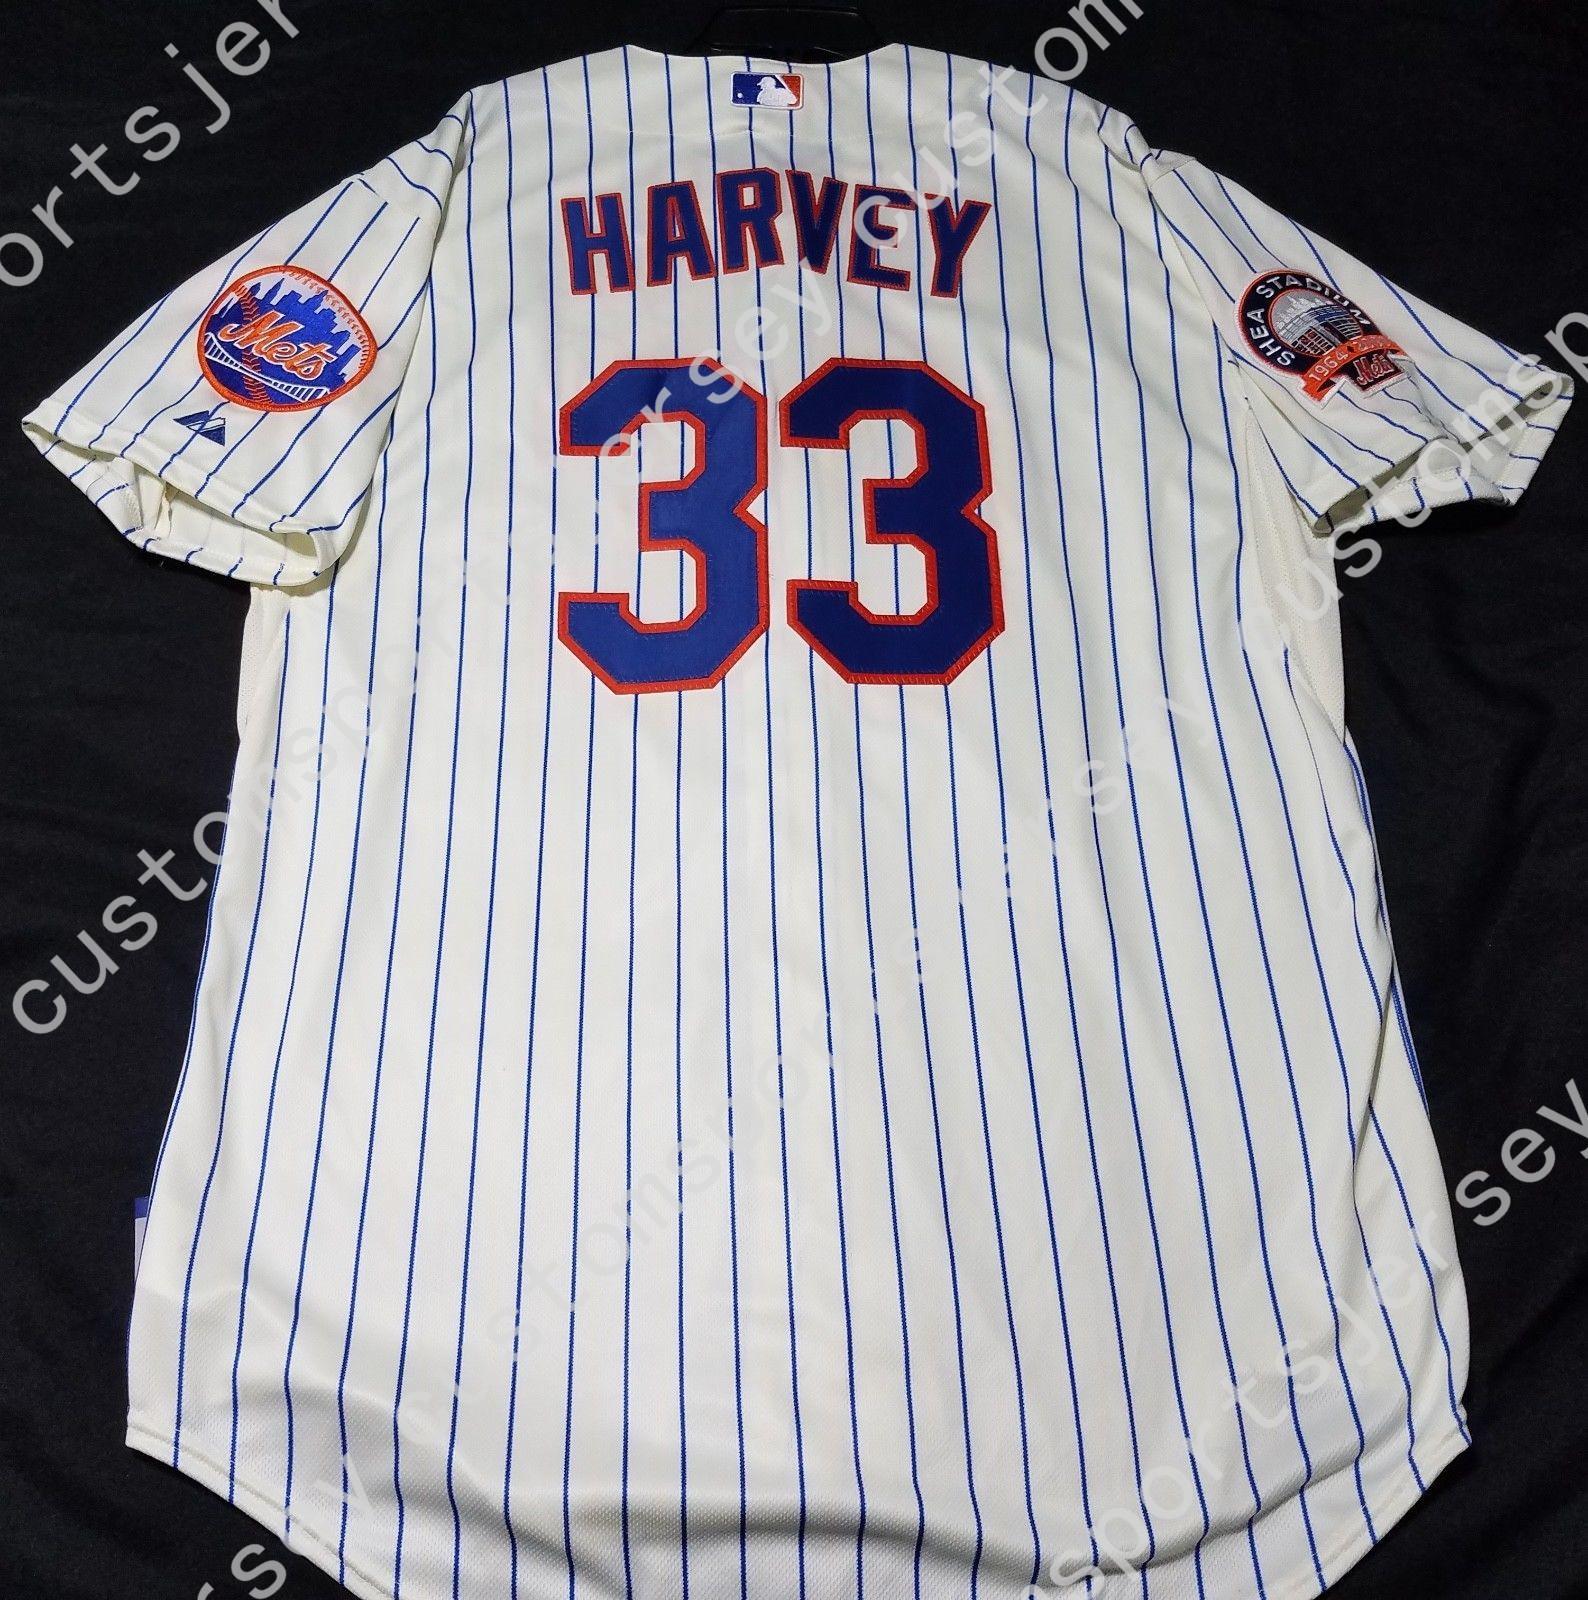 Cucite Harvey Acquista York New Cool Base Personalizzato Maglie Matt qVpzGSUM